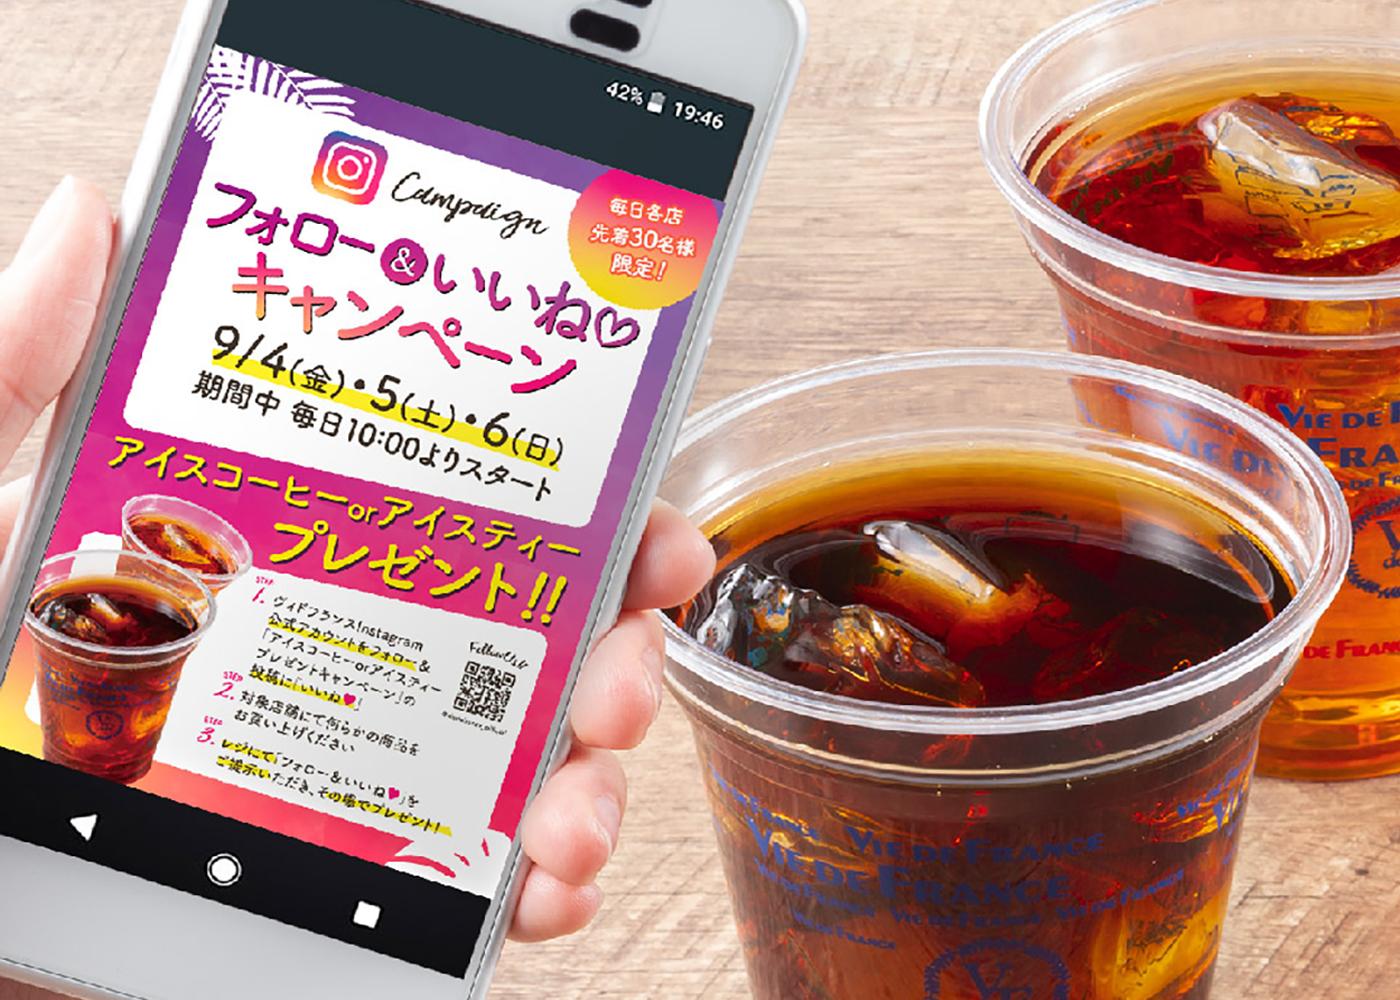 【晩夏の感謝祭(9/4・5・6)】『フォロー&いいね♡』で冷たいドリンクプレゼント!